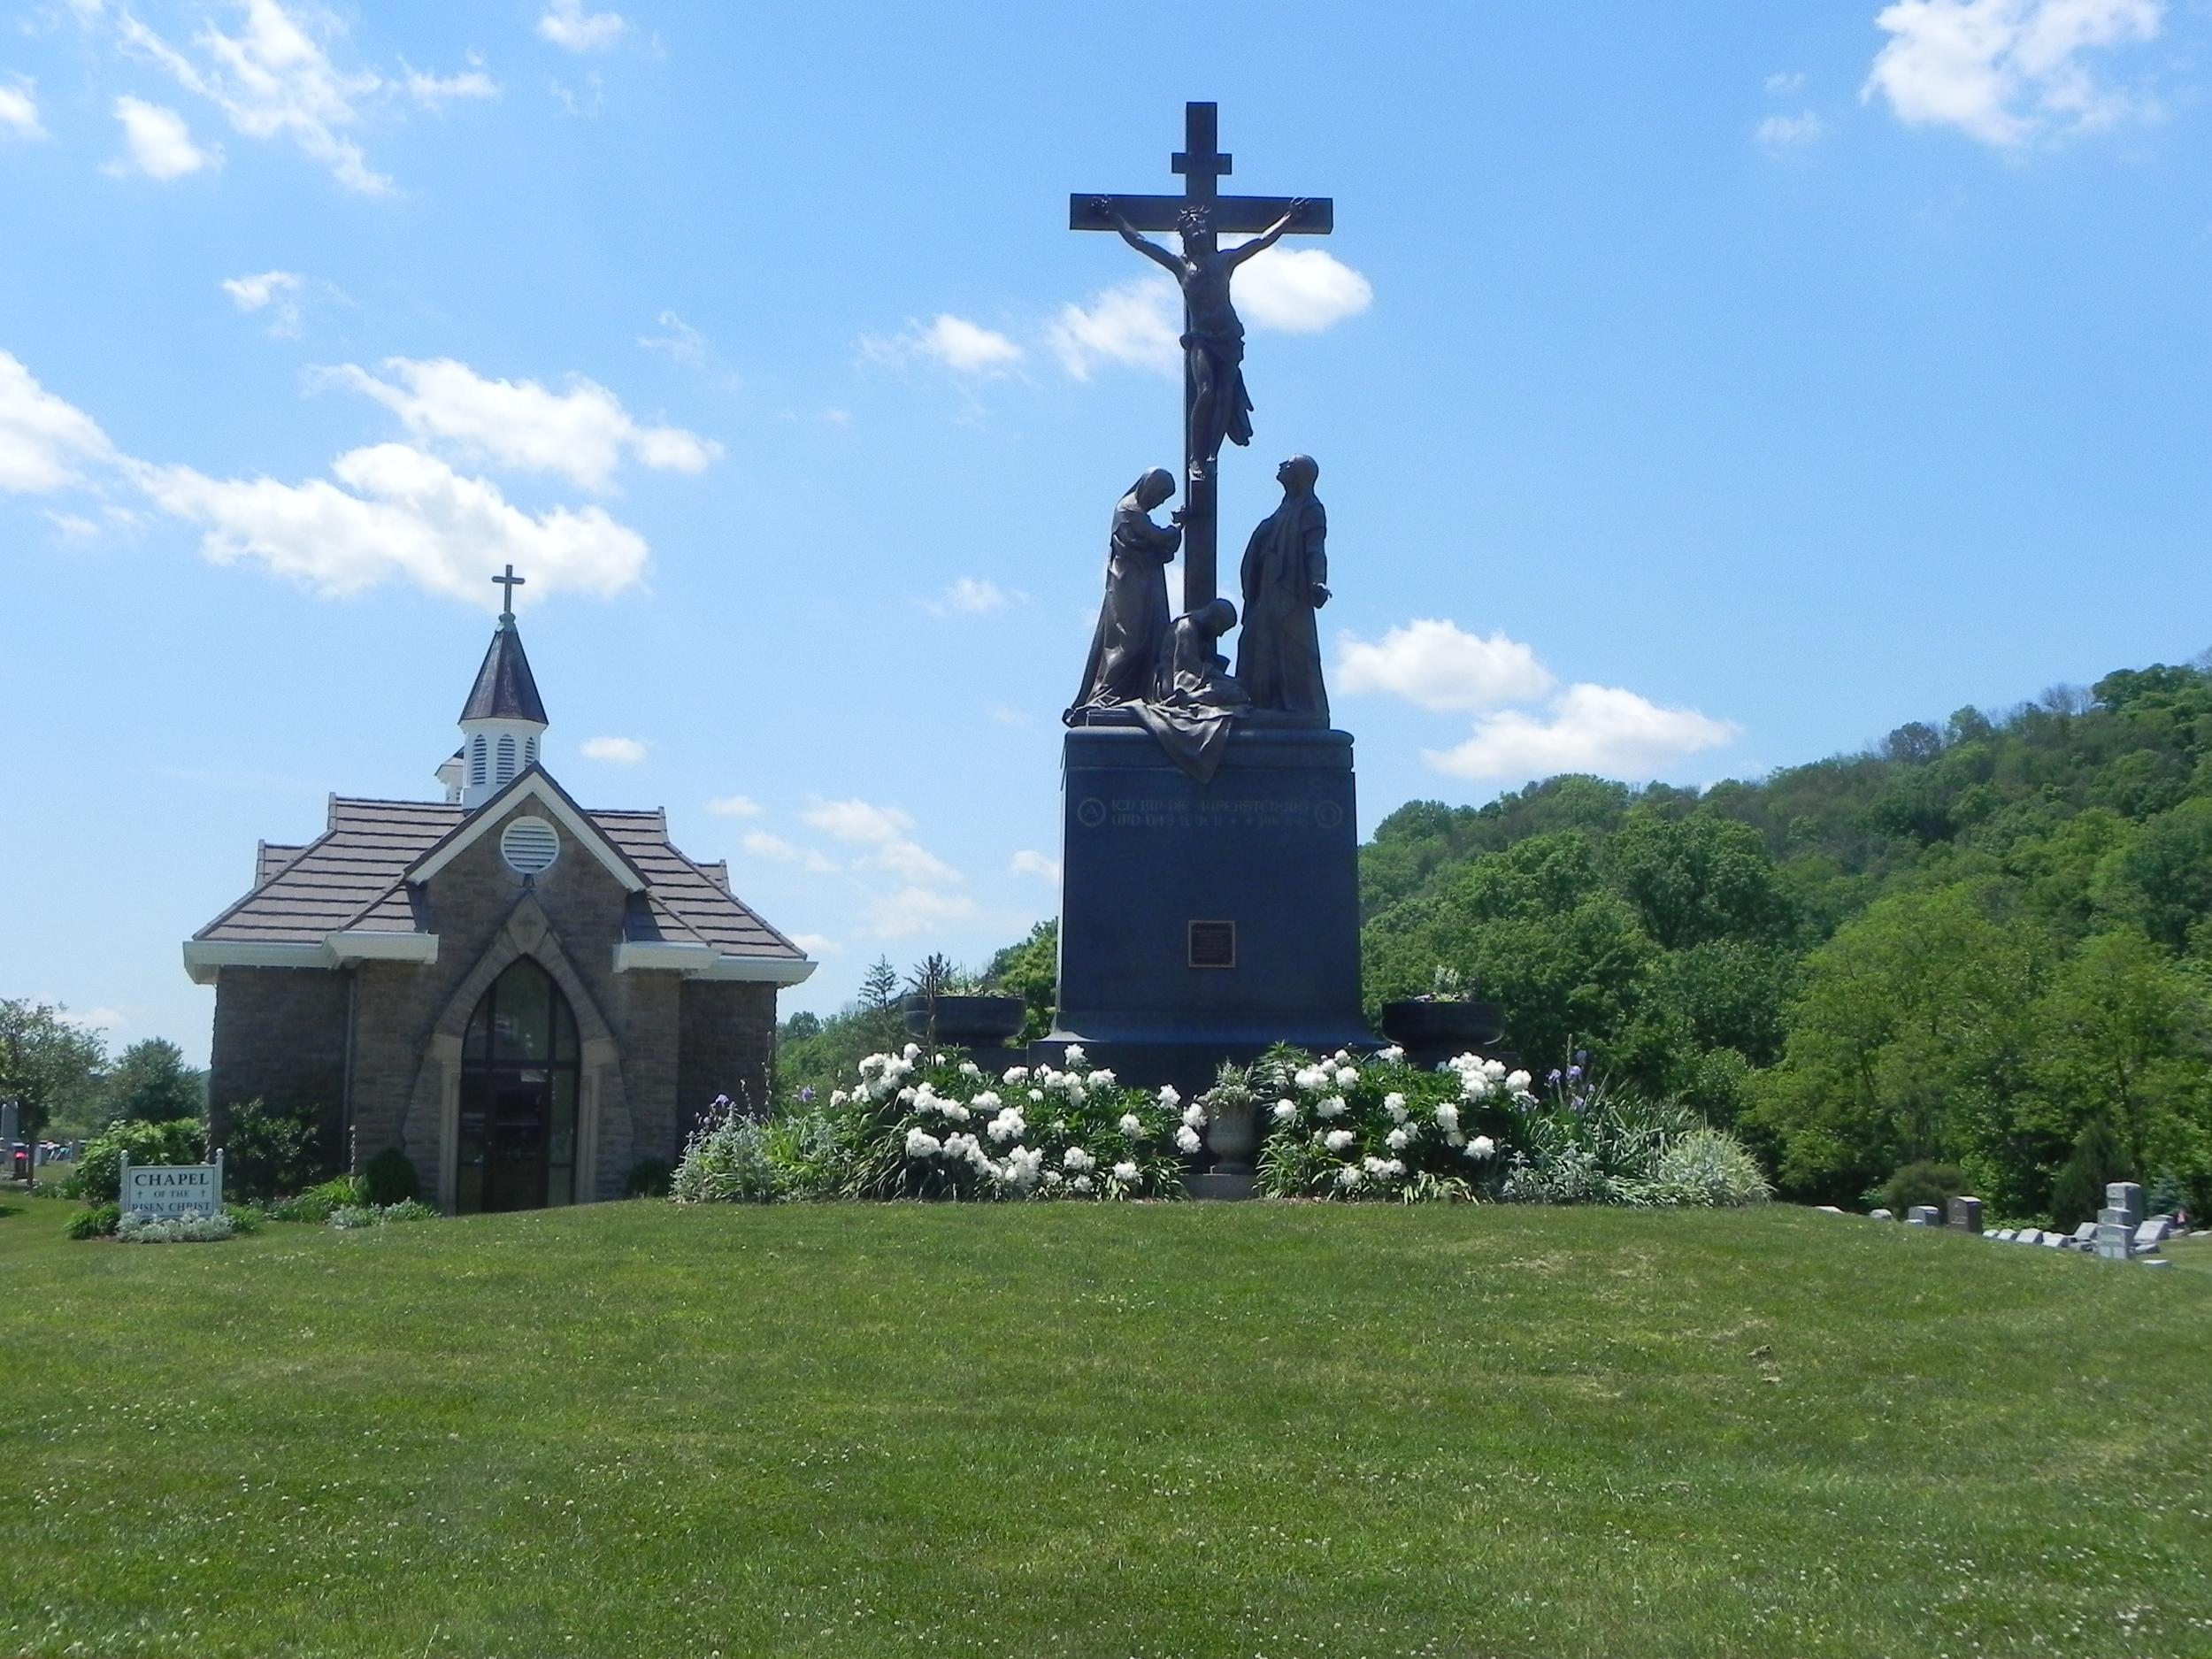 Chapel Columbarium